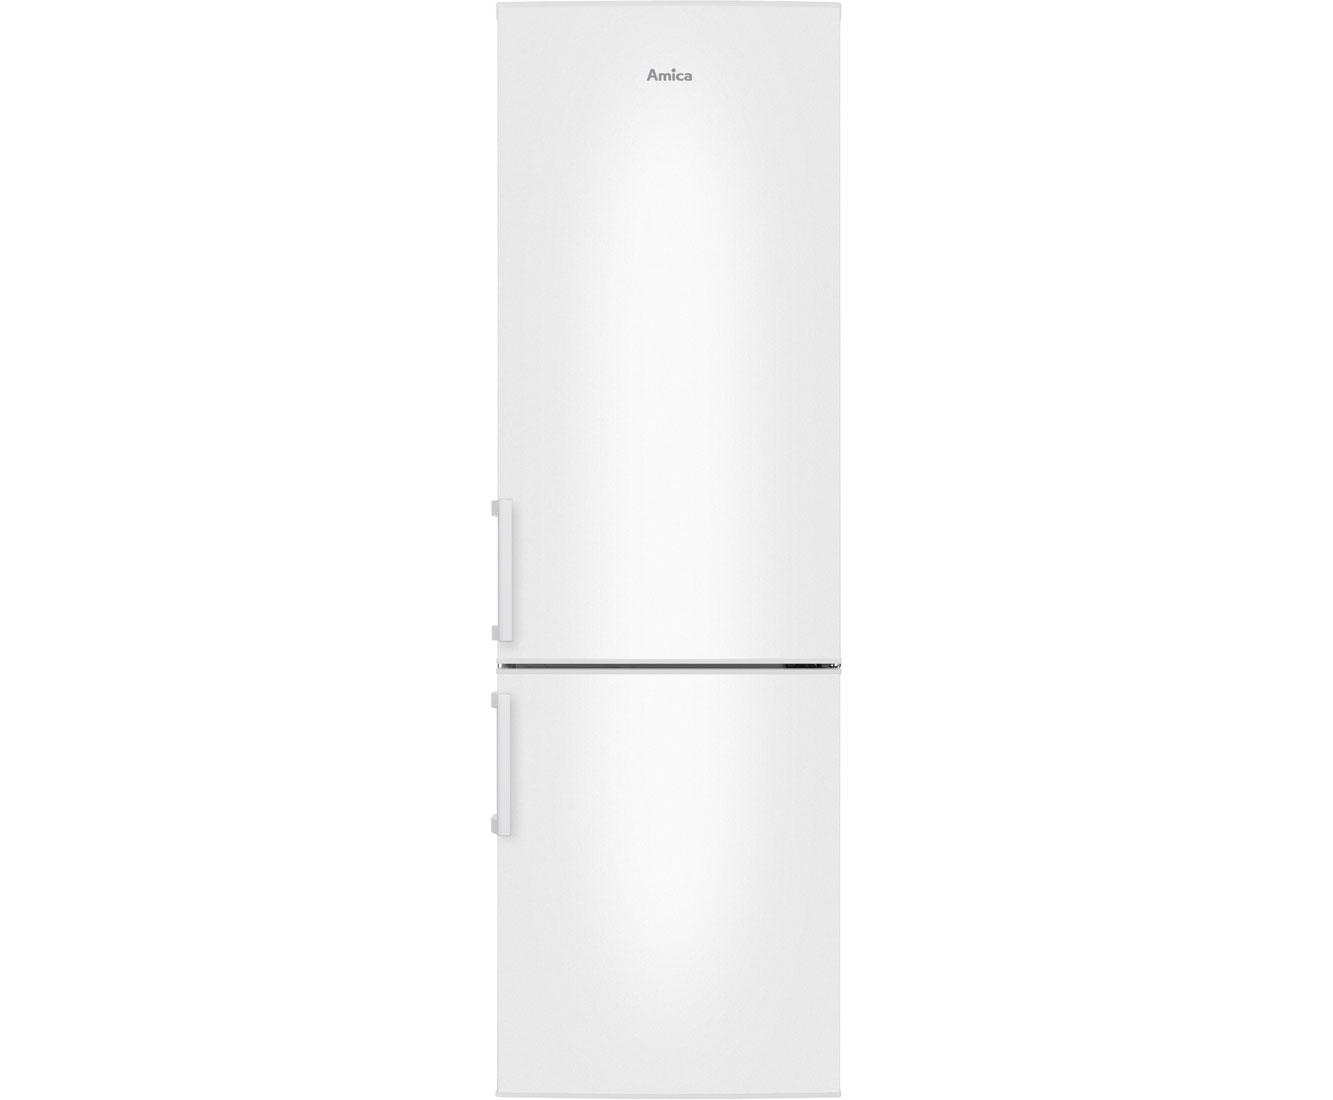 Amica KGC 388 100 W Kühl-Gefrierkombinationen - Weiß | Küche und Esszimmer > Küchenelektrogeräte > Kühl-Gefrierkombis | Weiß | Amica